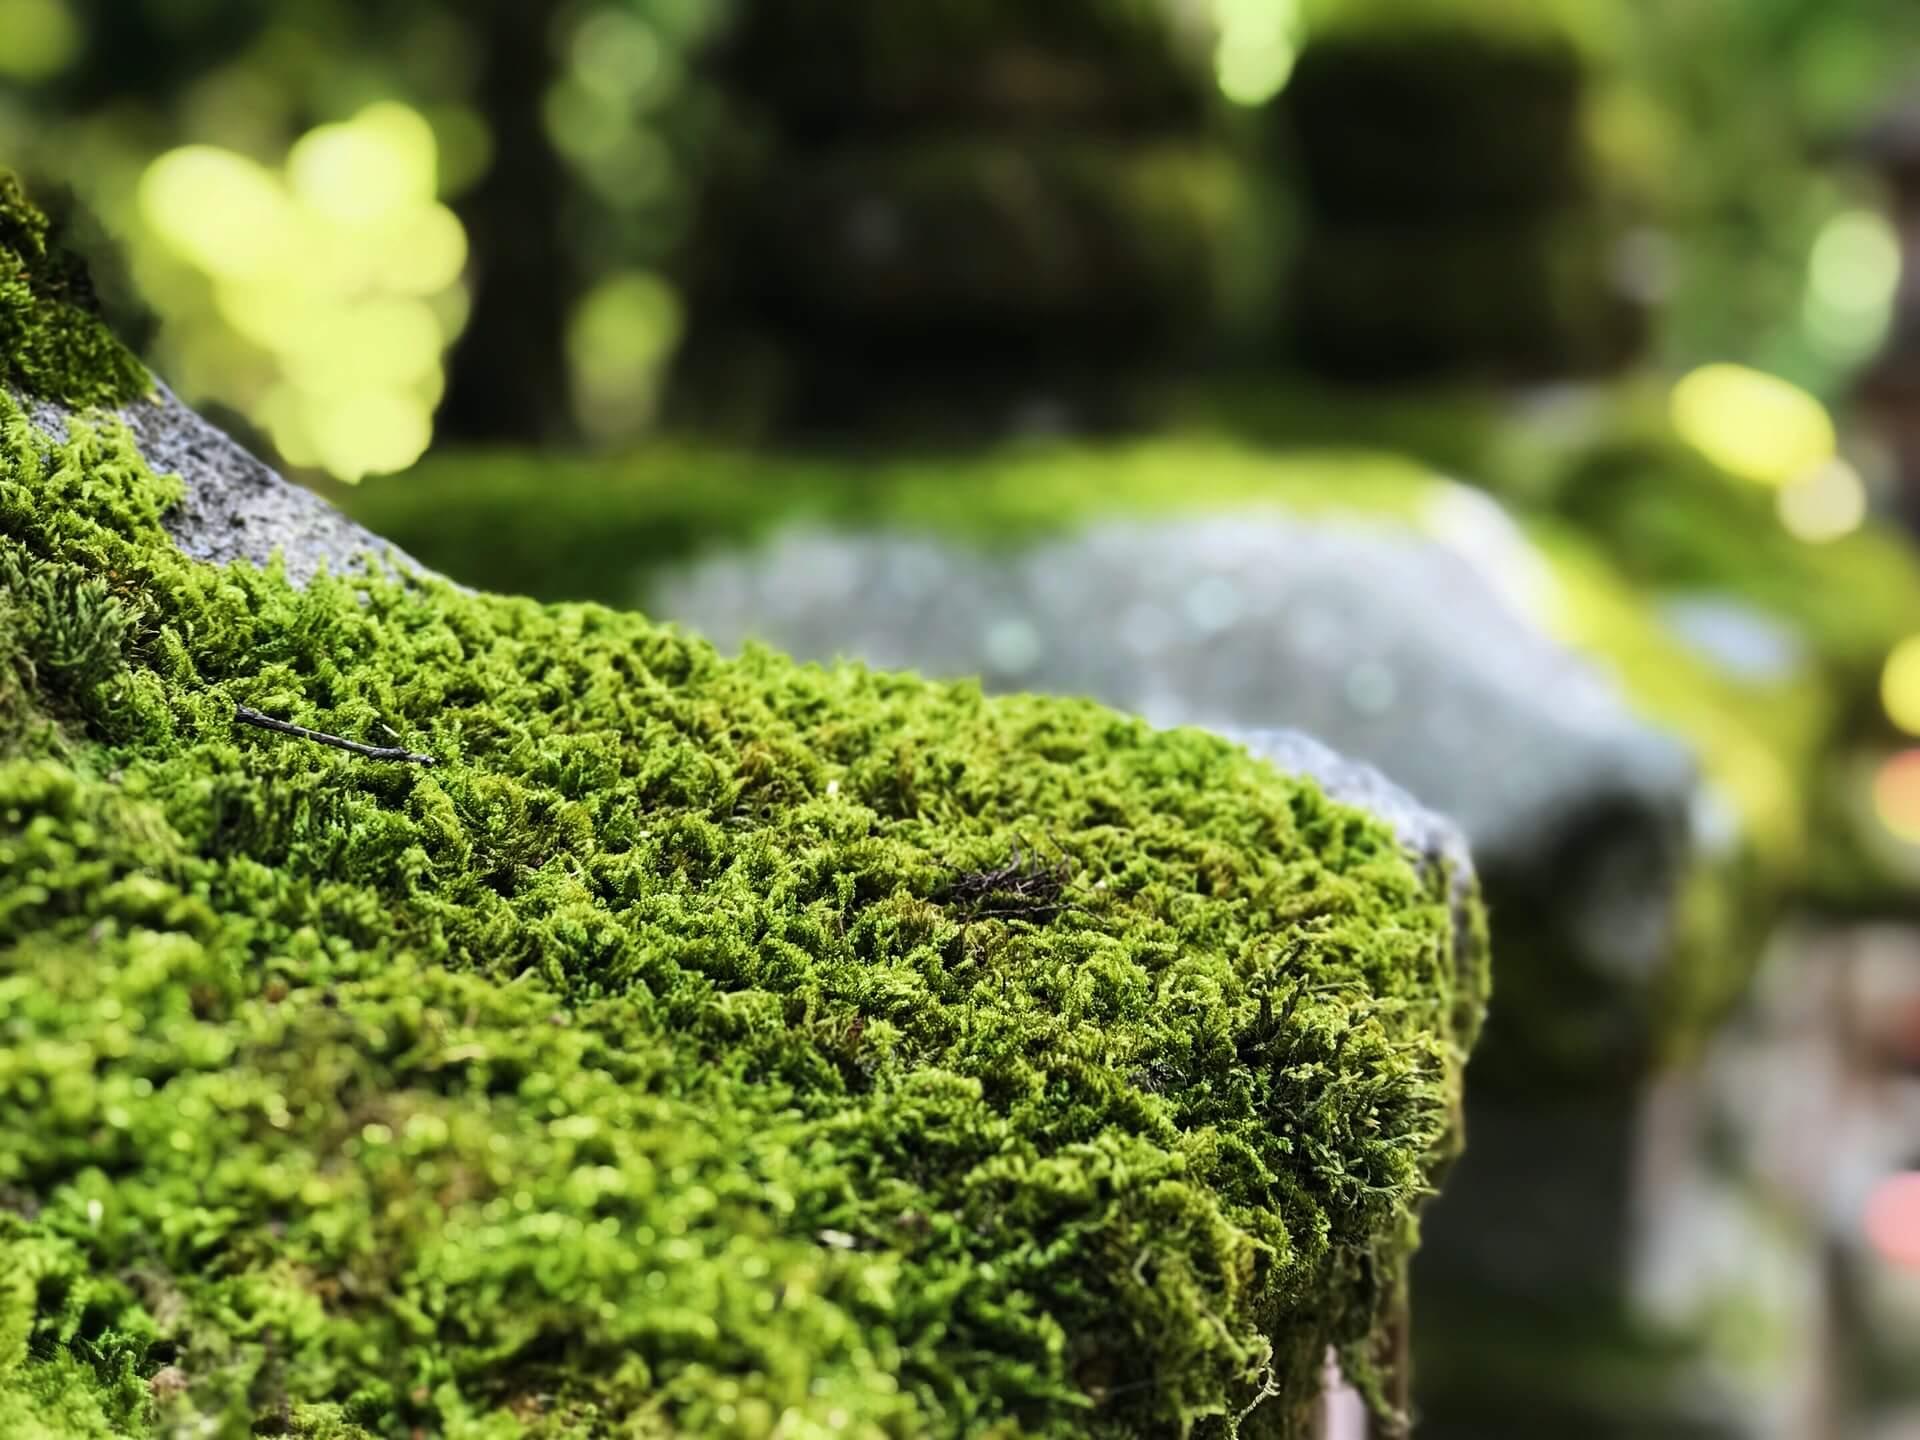 苔を採取するには?苔の基本情報や採取のポイント、注意点も紹介